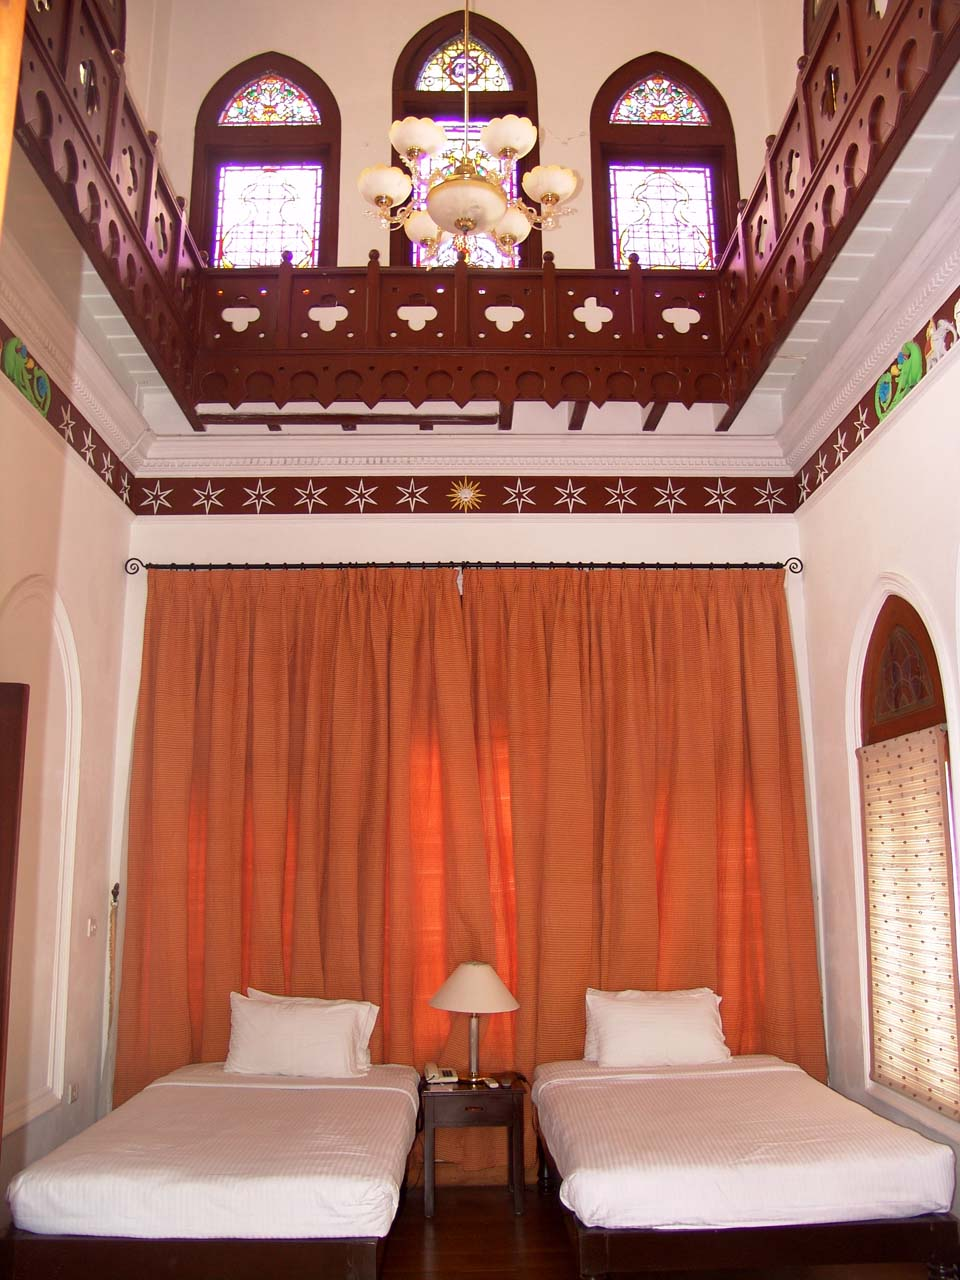 JAYAMAHAL PALACE HOTEL